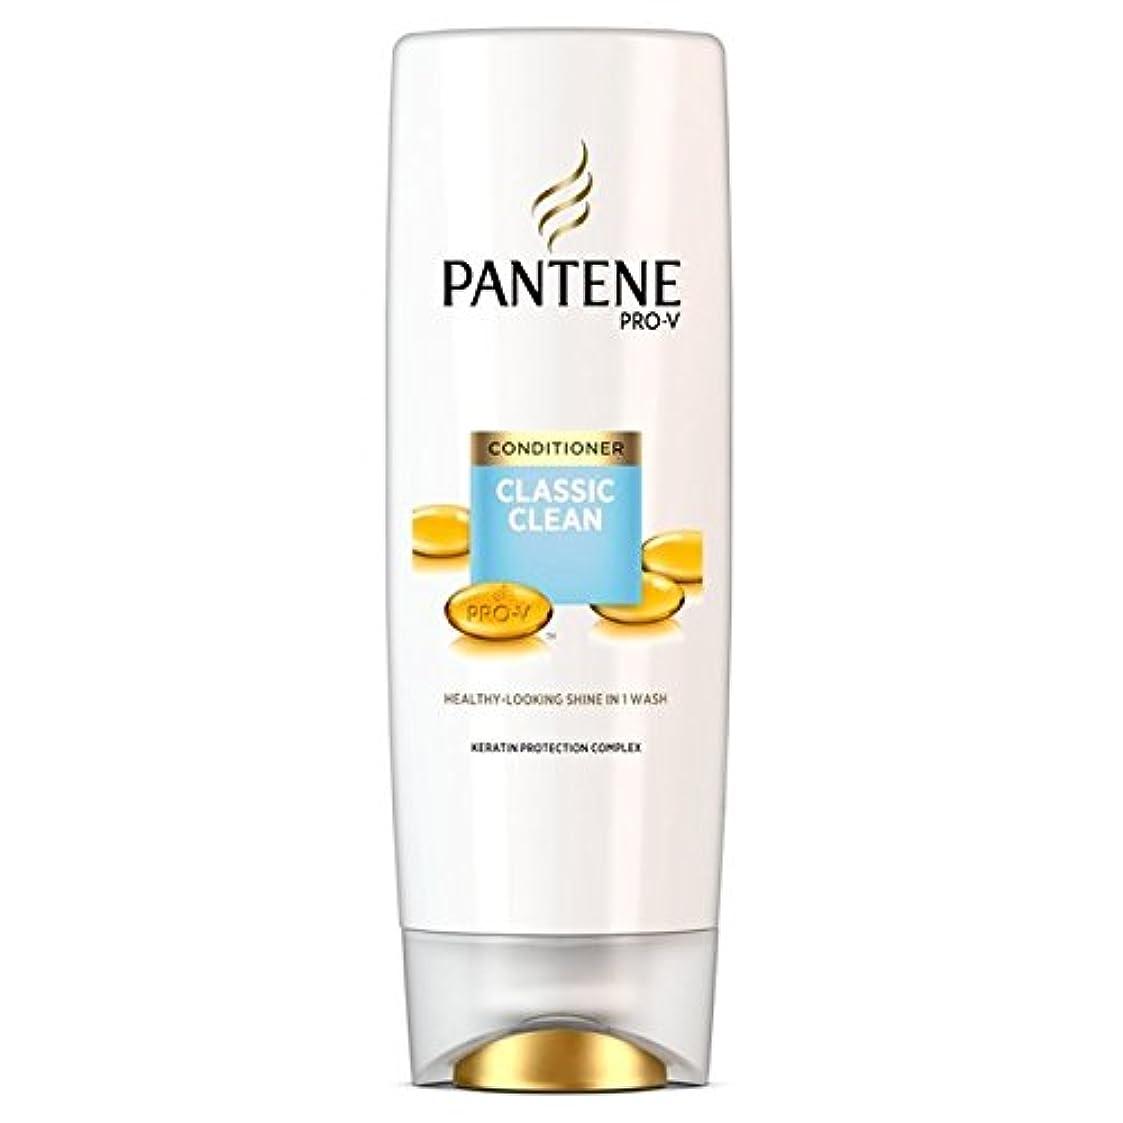 記事ライブ炎上Pantene Classic Clean Conditioner 360ml (Pack of 6) - パンテーン古典的なクリーンコンディショナー360ミリリットル x6 [並行輸入品]